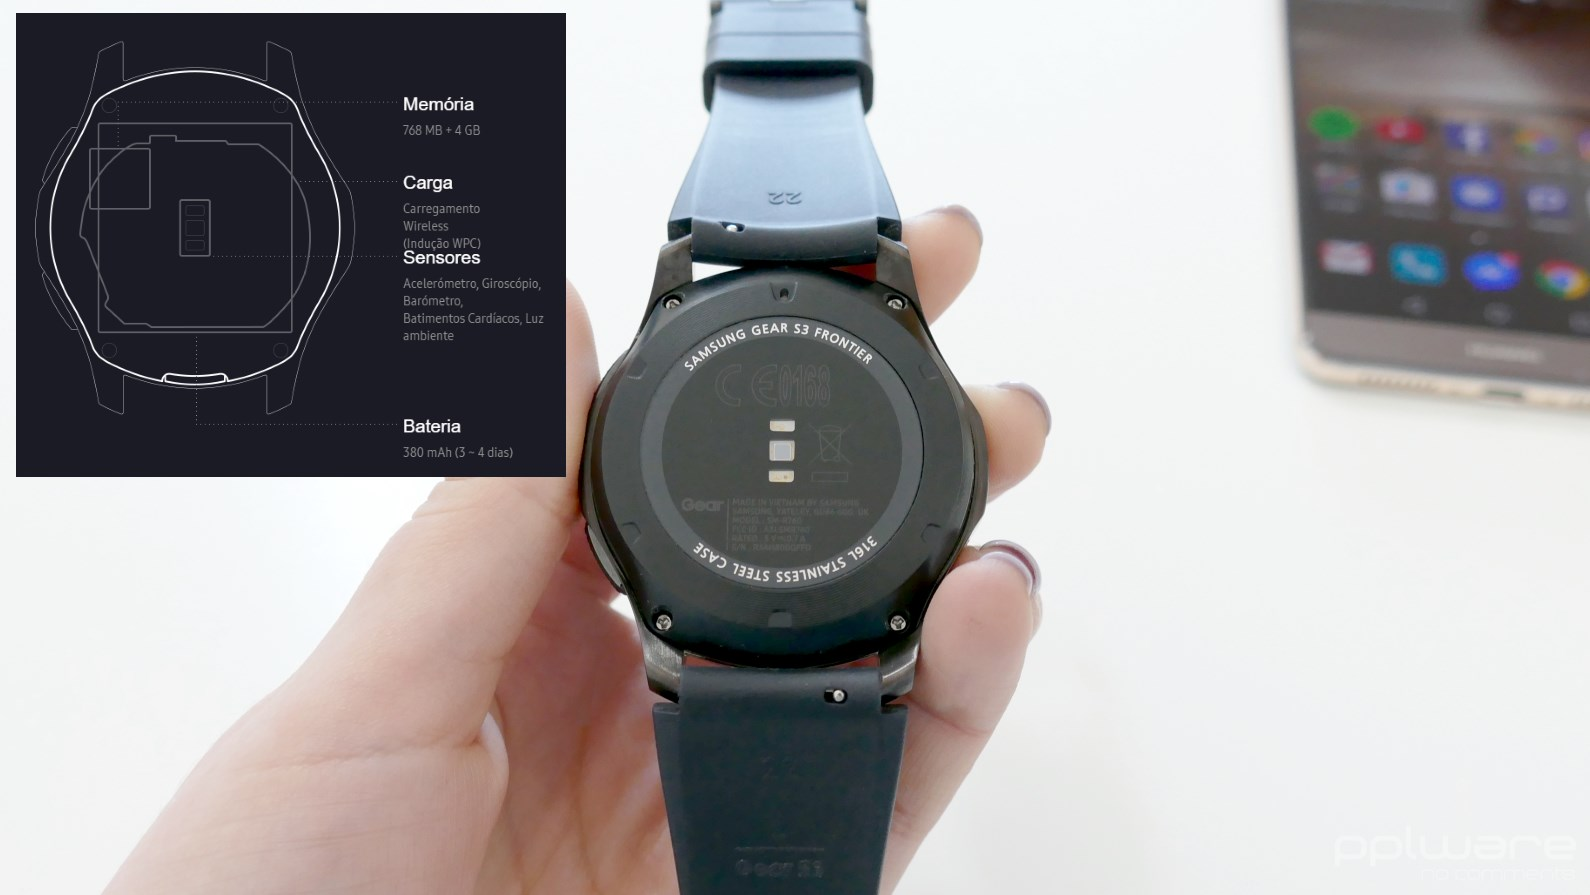 ca25572bc41 Este relógio inteligente traz ainda outros sensores